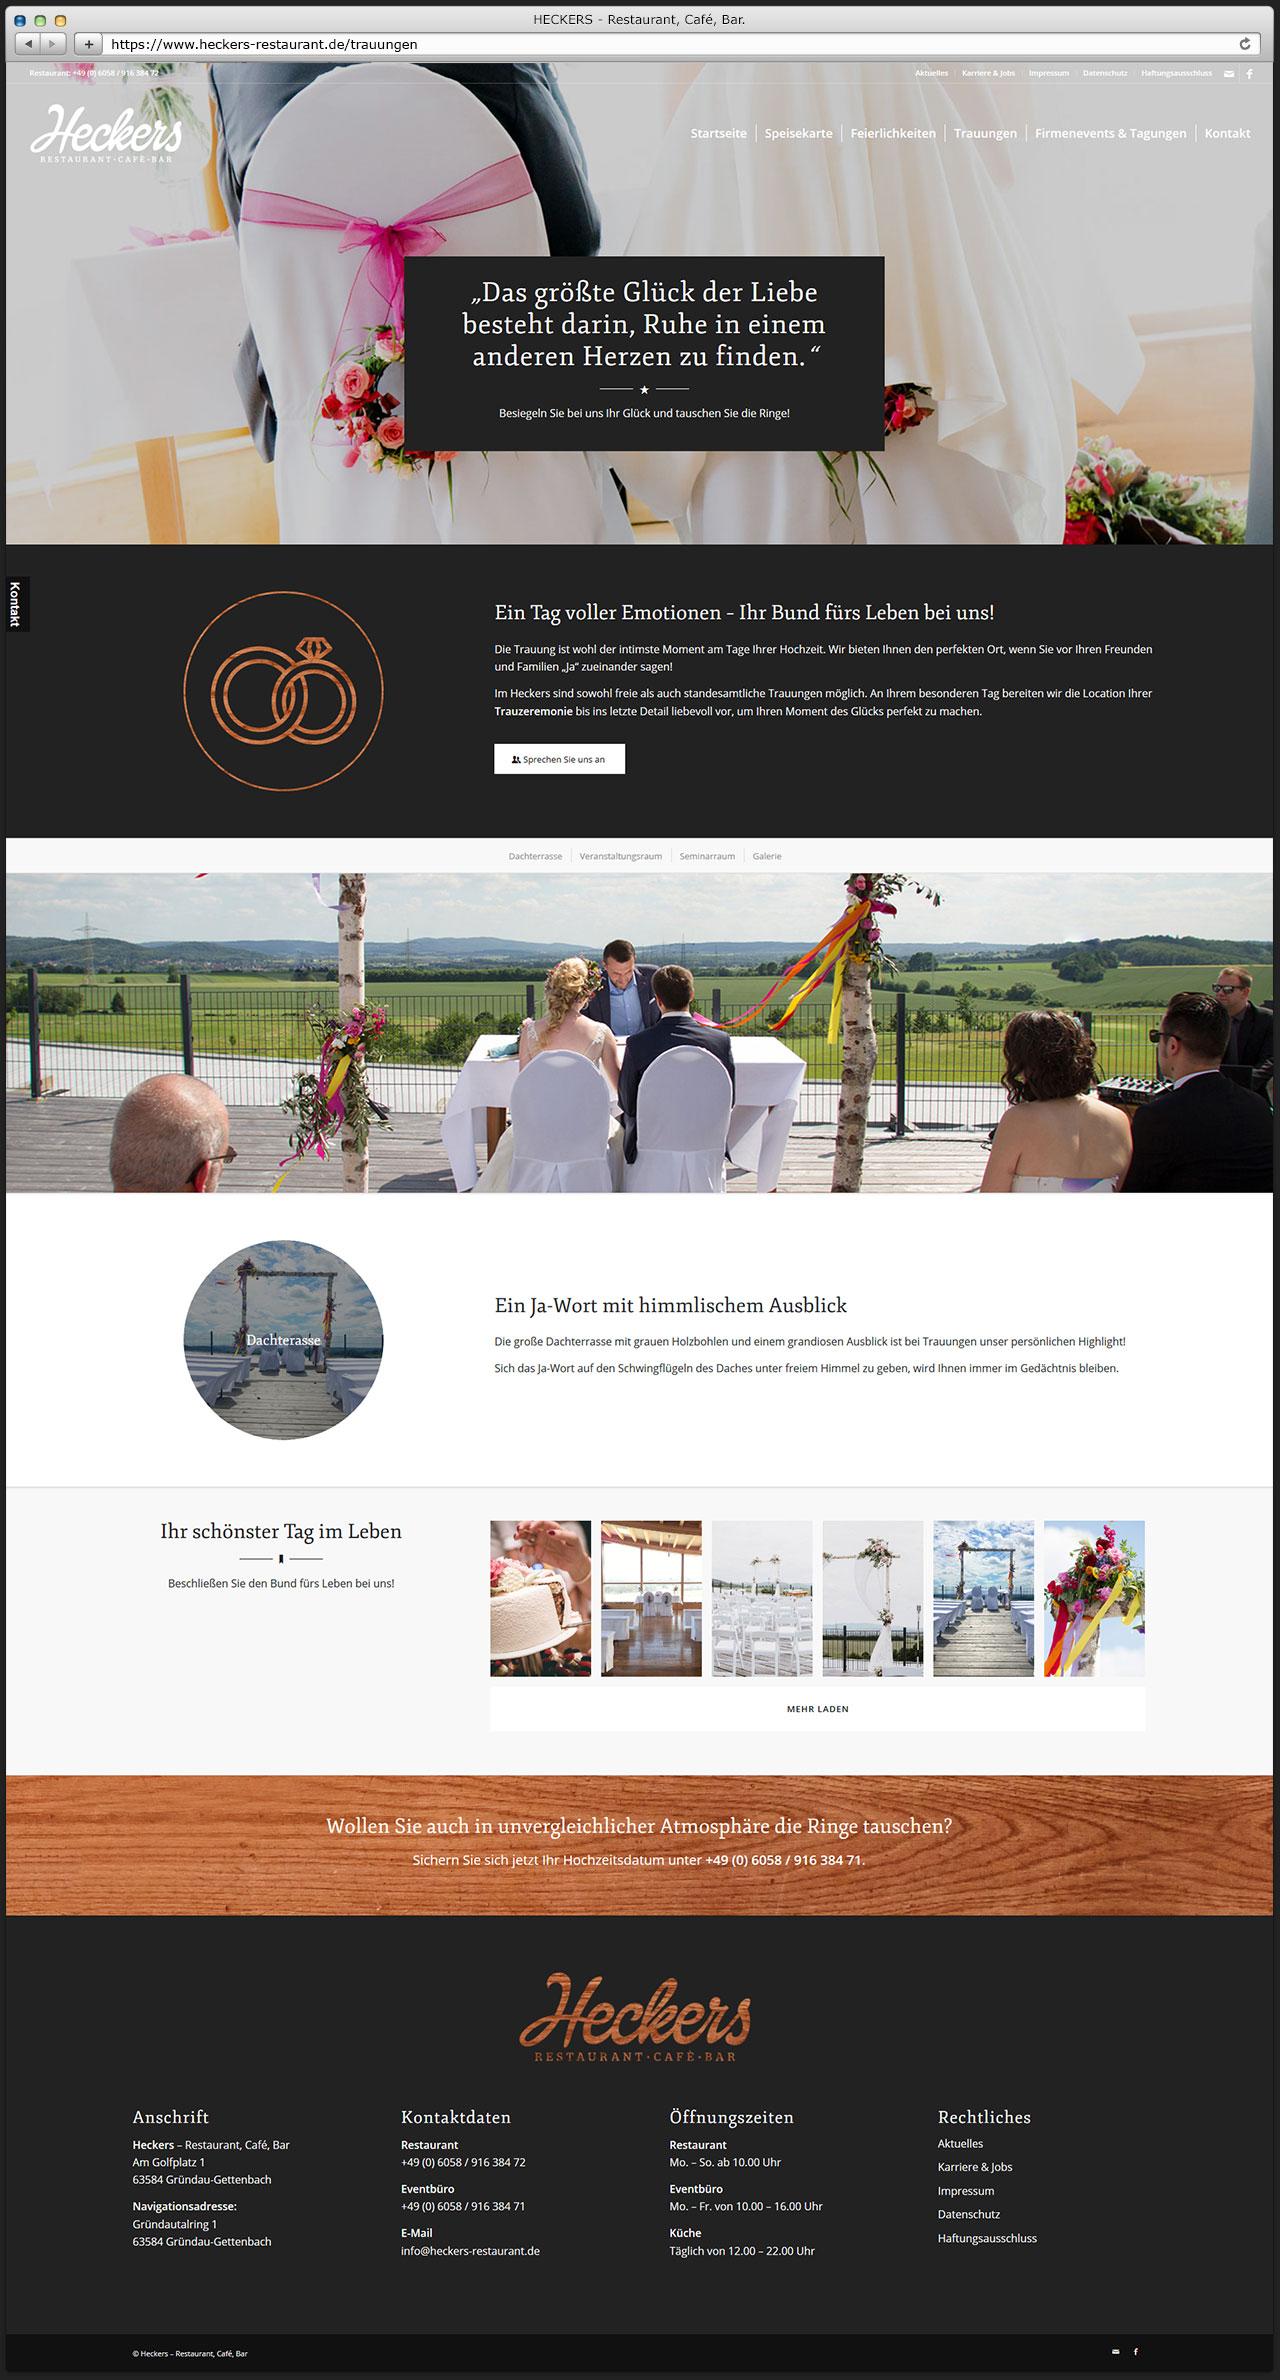 heckers-restaurant_website_02